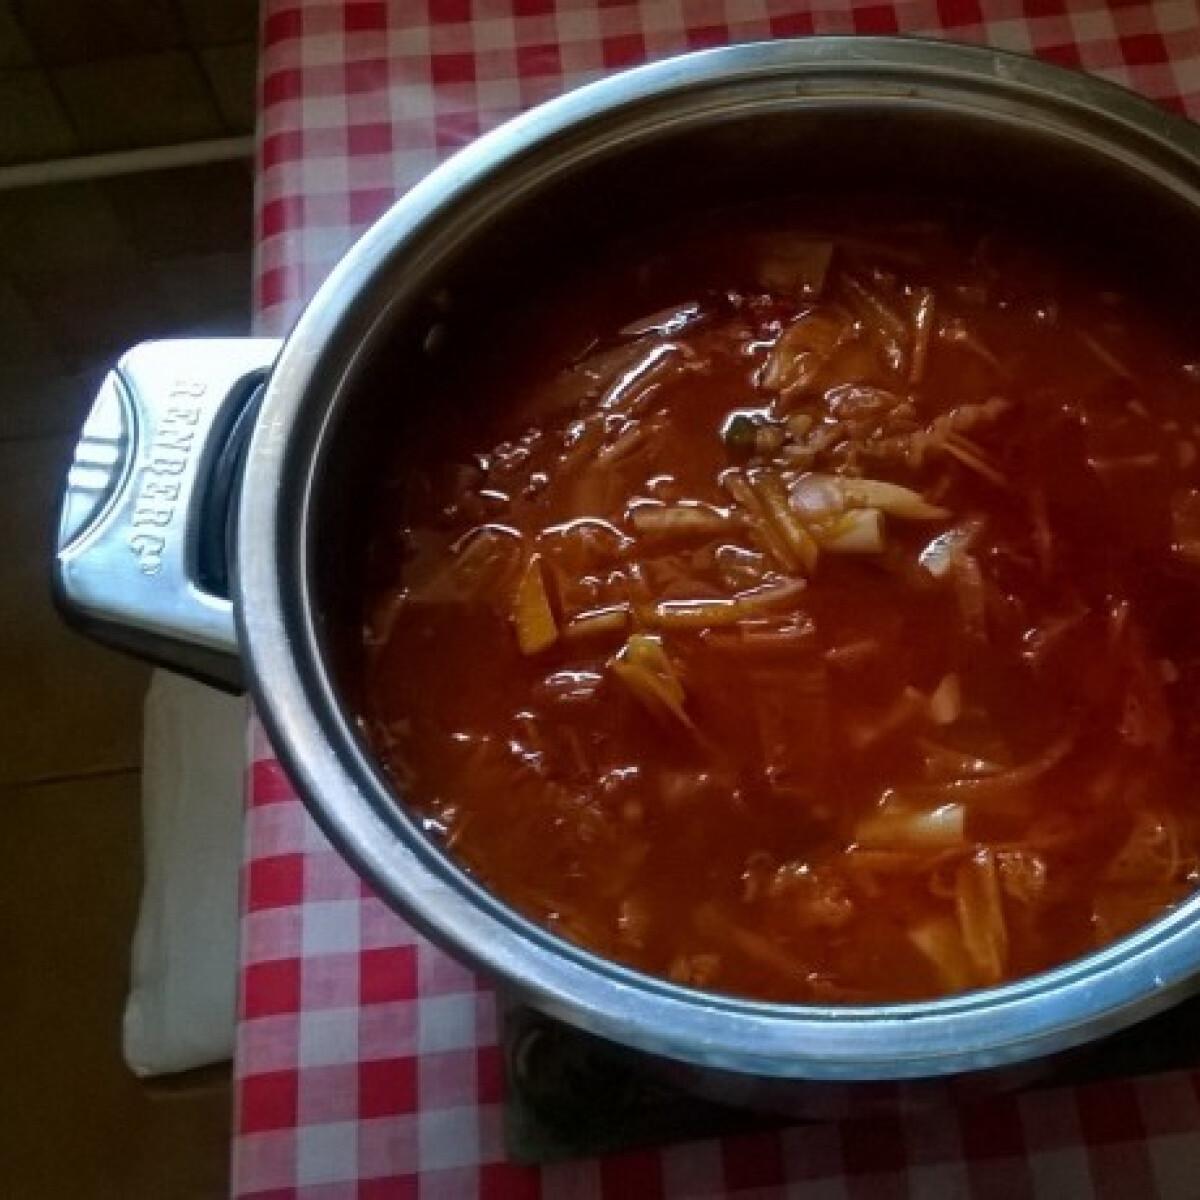 Ezen a képen: Minestrone leves márti1218 konyhájából